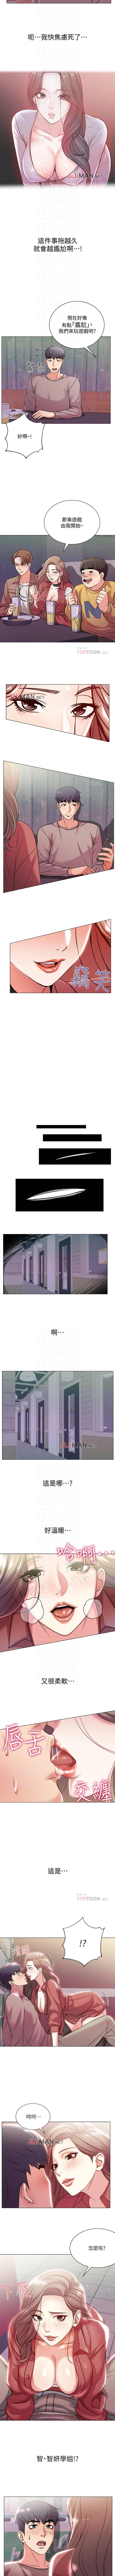 【周三连载】超市的漂亮姐姐(作者:北鼻&逃兵) 第1~40话 61